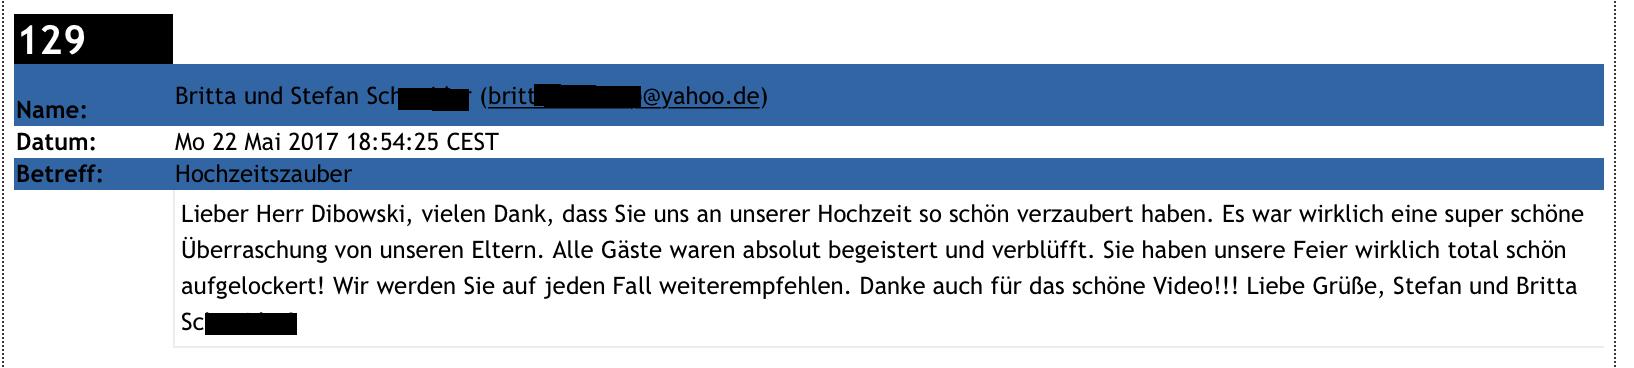 HochzeitsZauber Gästebuch anonypng.png